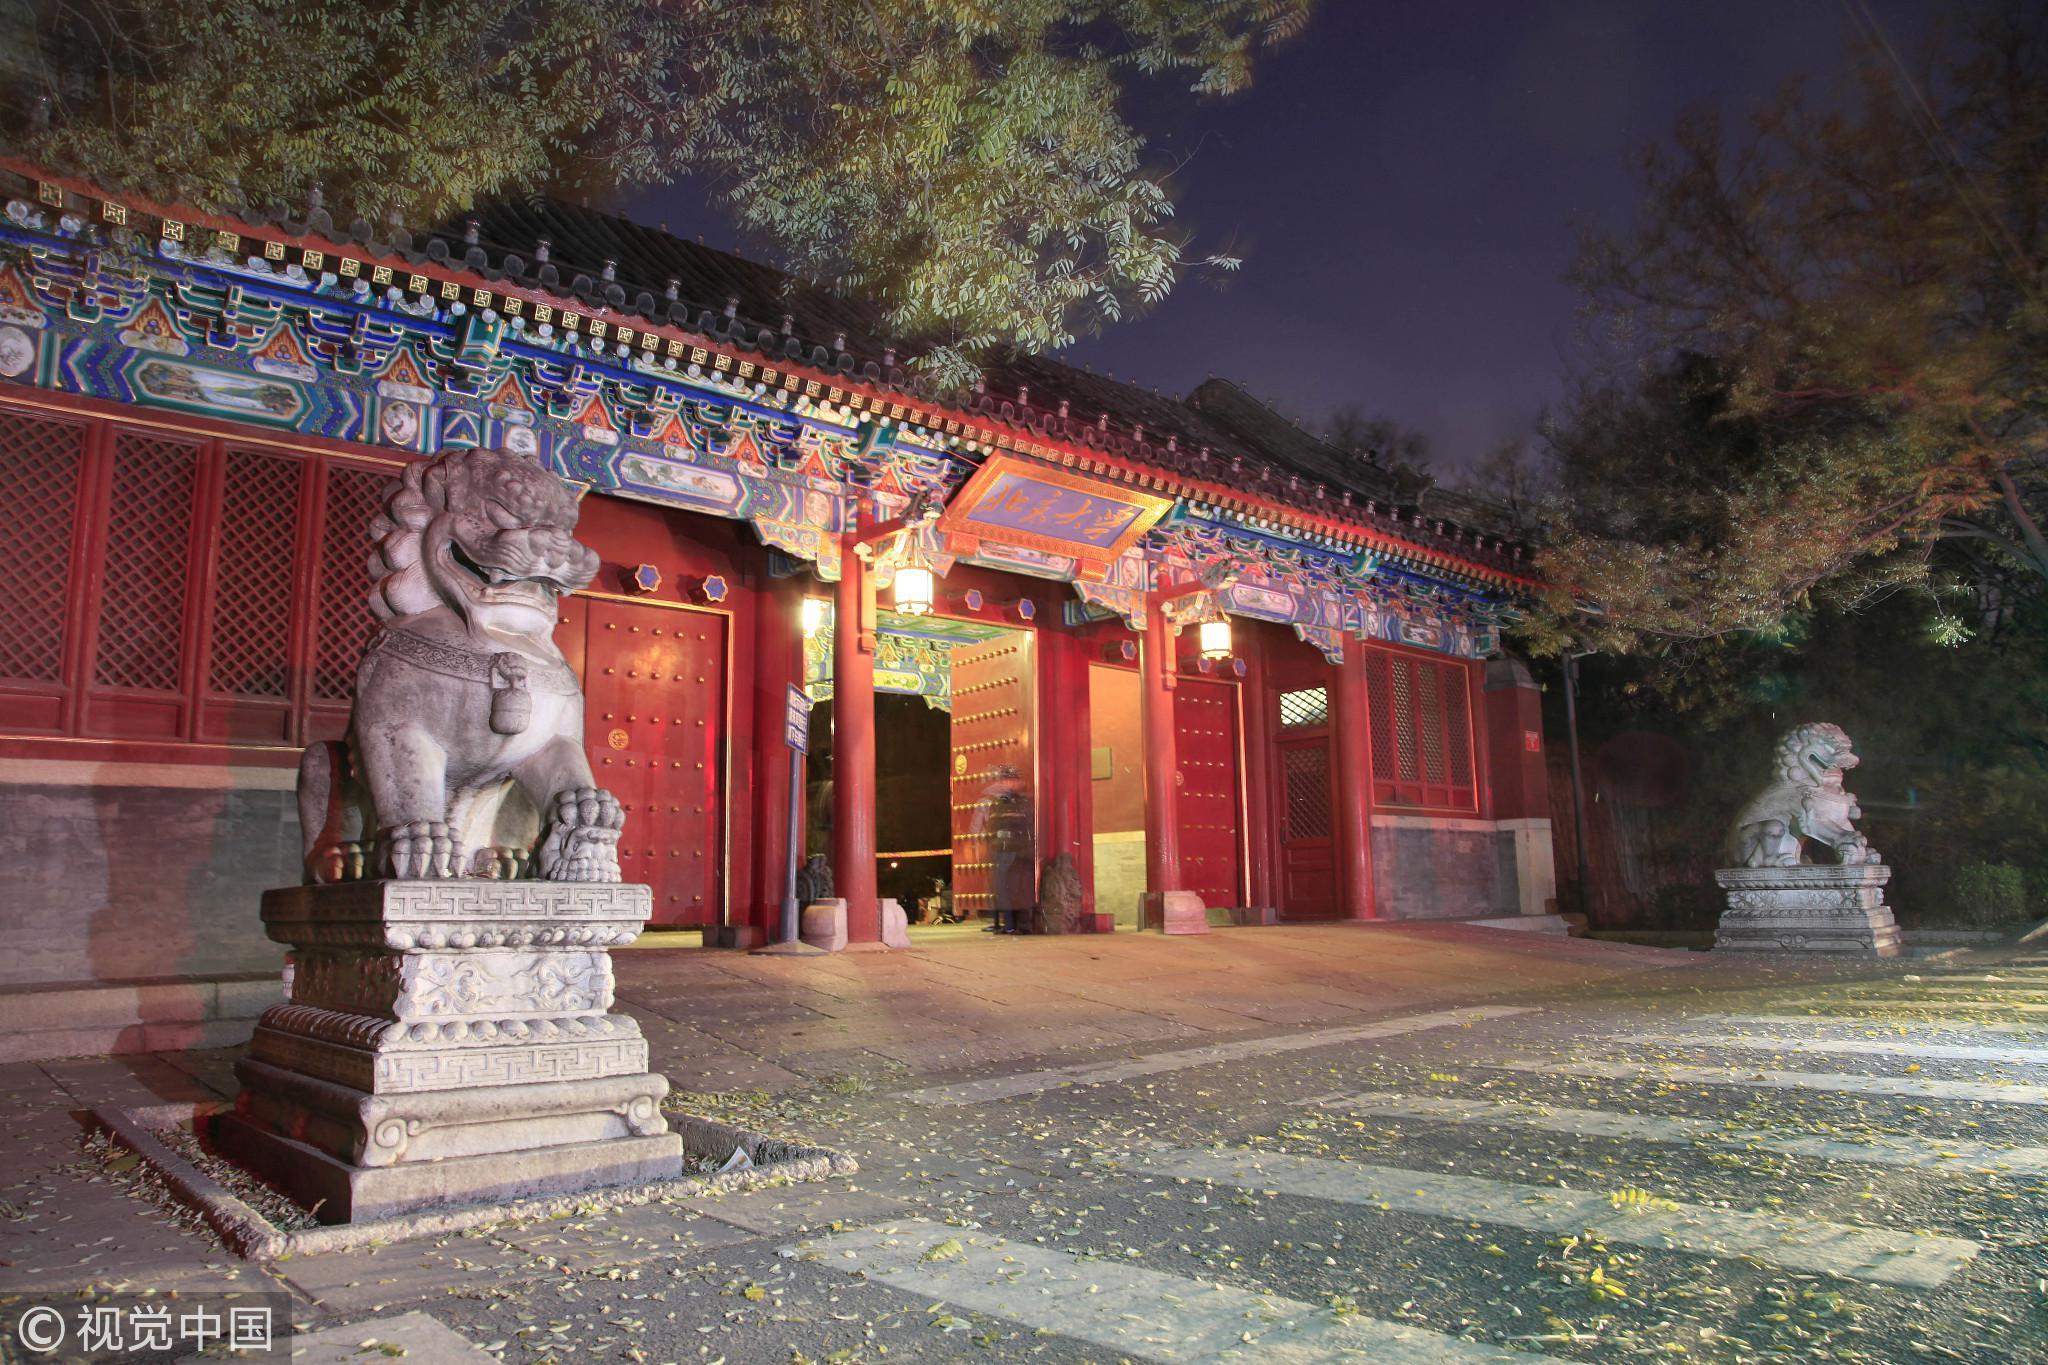 2012年11月18日,北京大学西门夜色,这所中国最知名的高等学府目前还没有公认的校训。 / 视觉中国